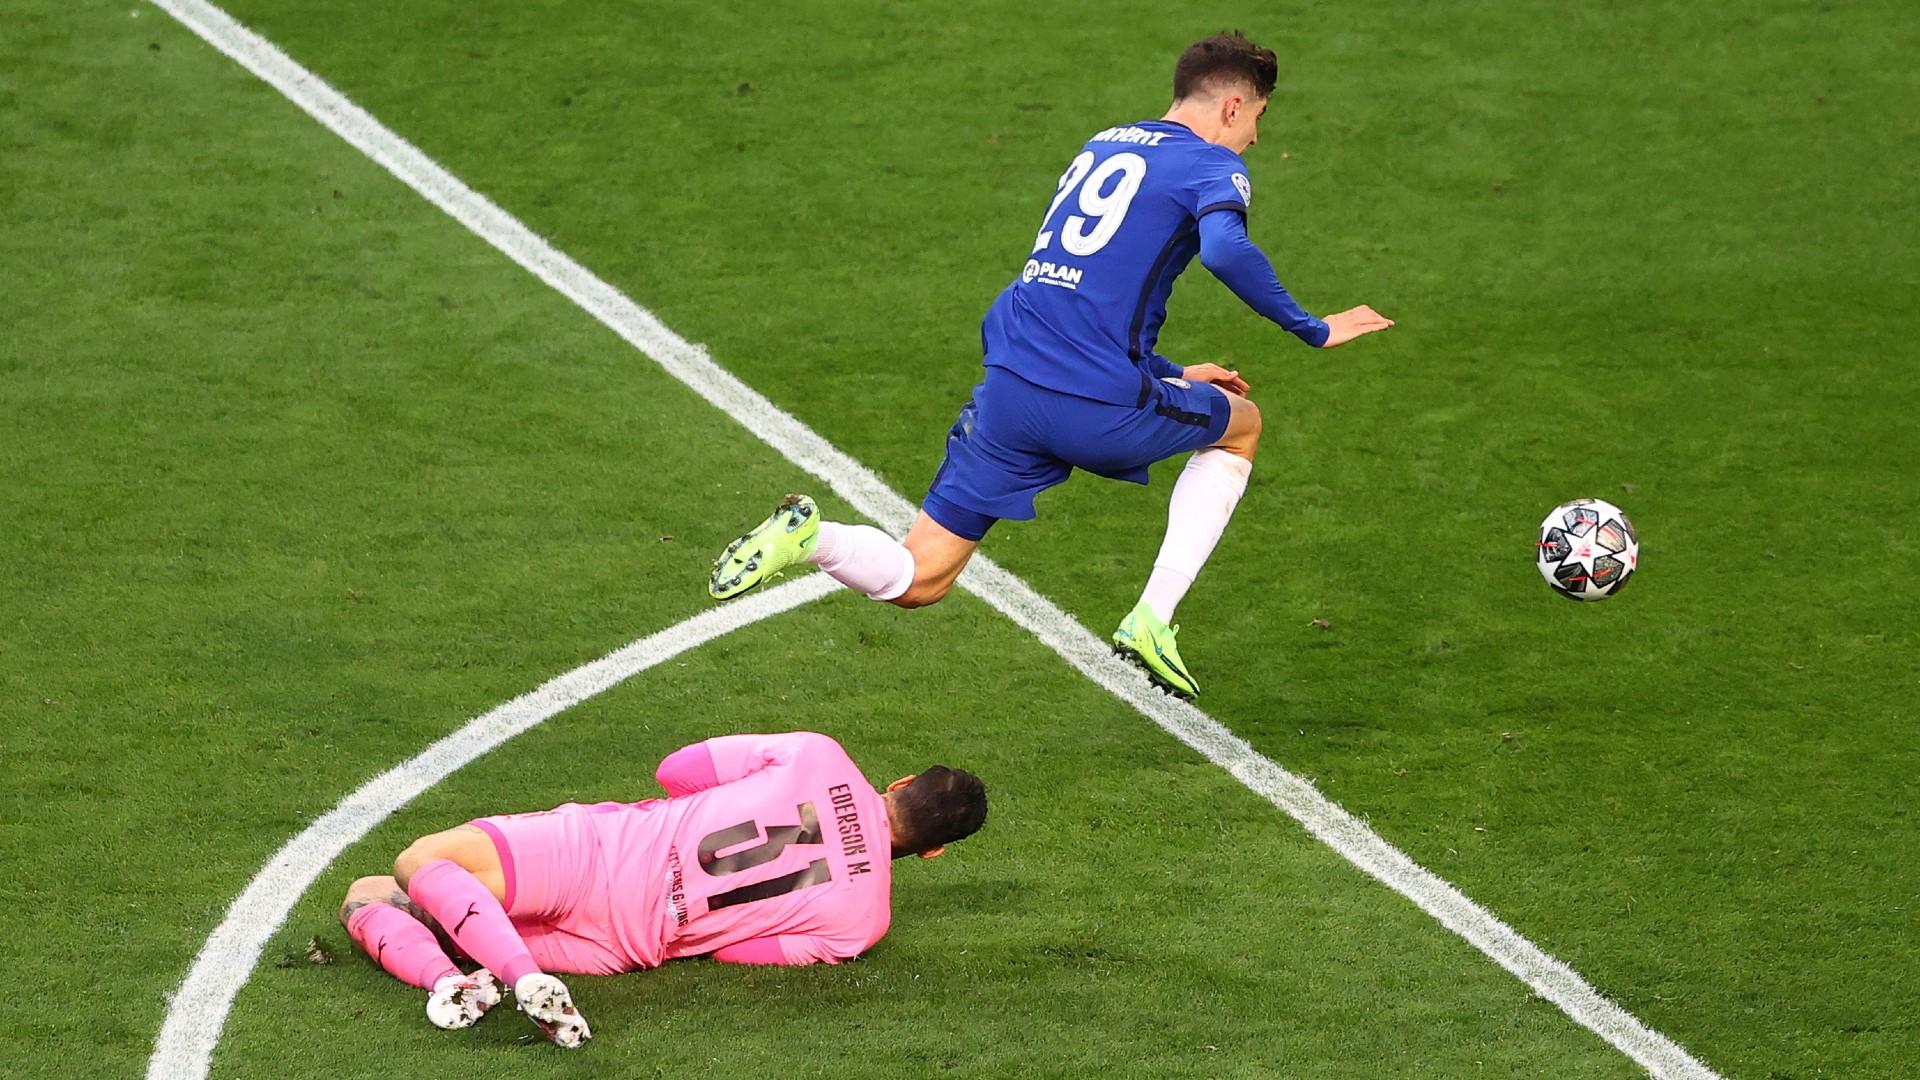 Lấy lại phong độ, Kai Havertz có thể giải quyết vấn đề lớn nhất cho Chelsea